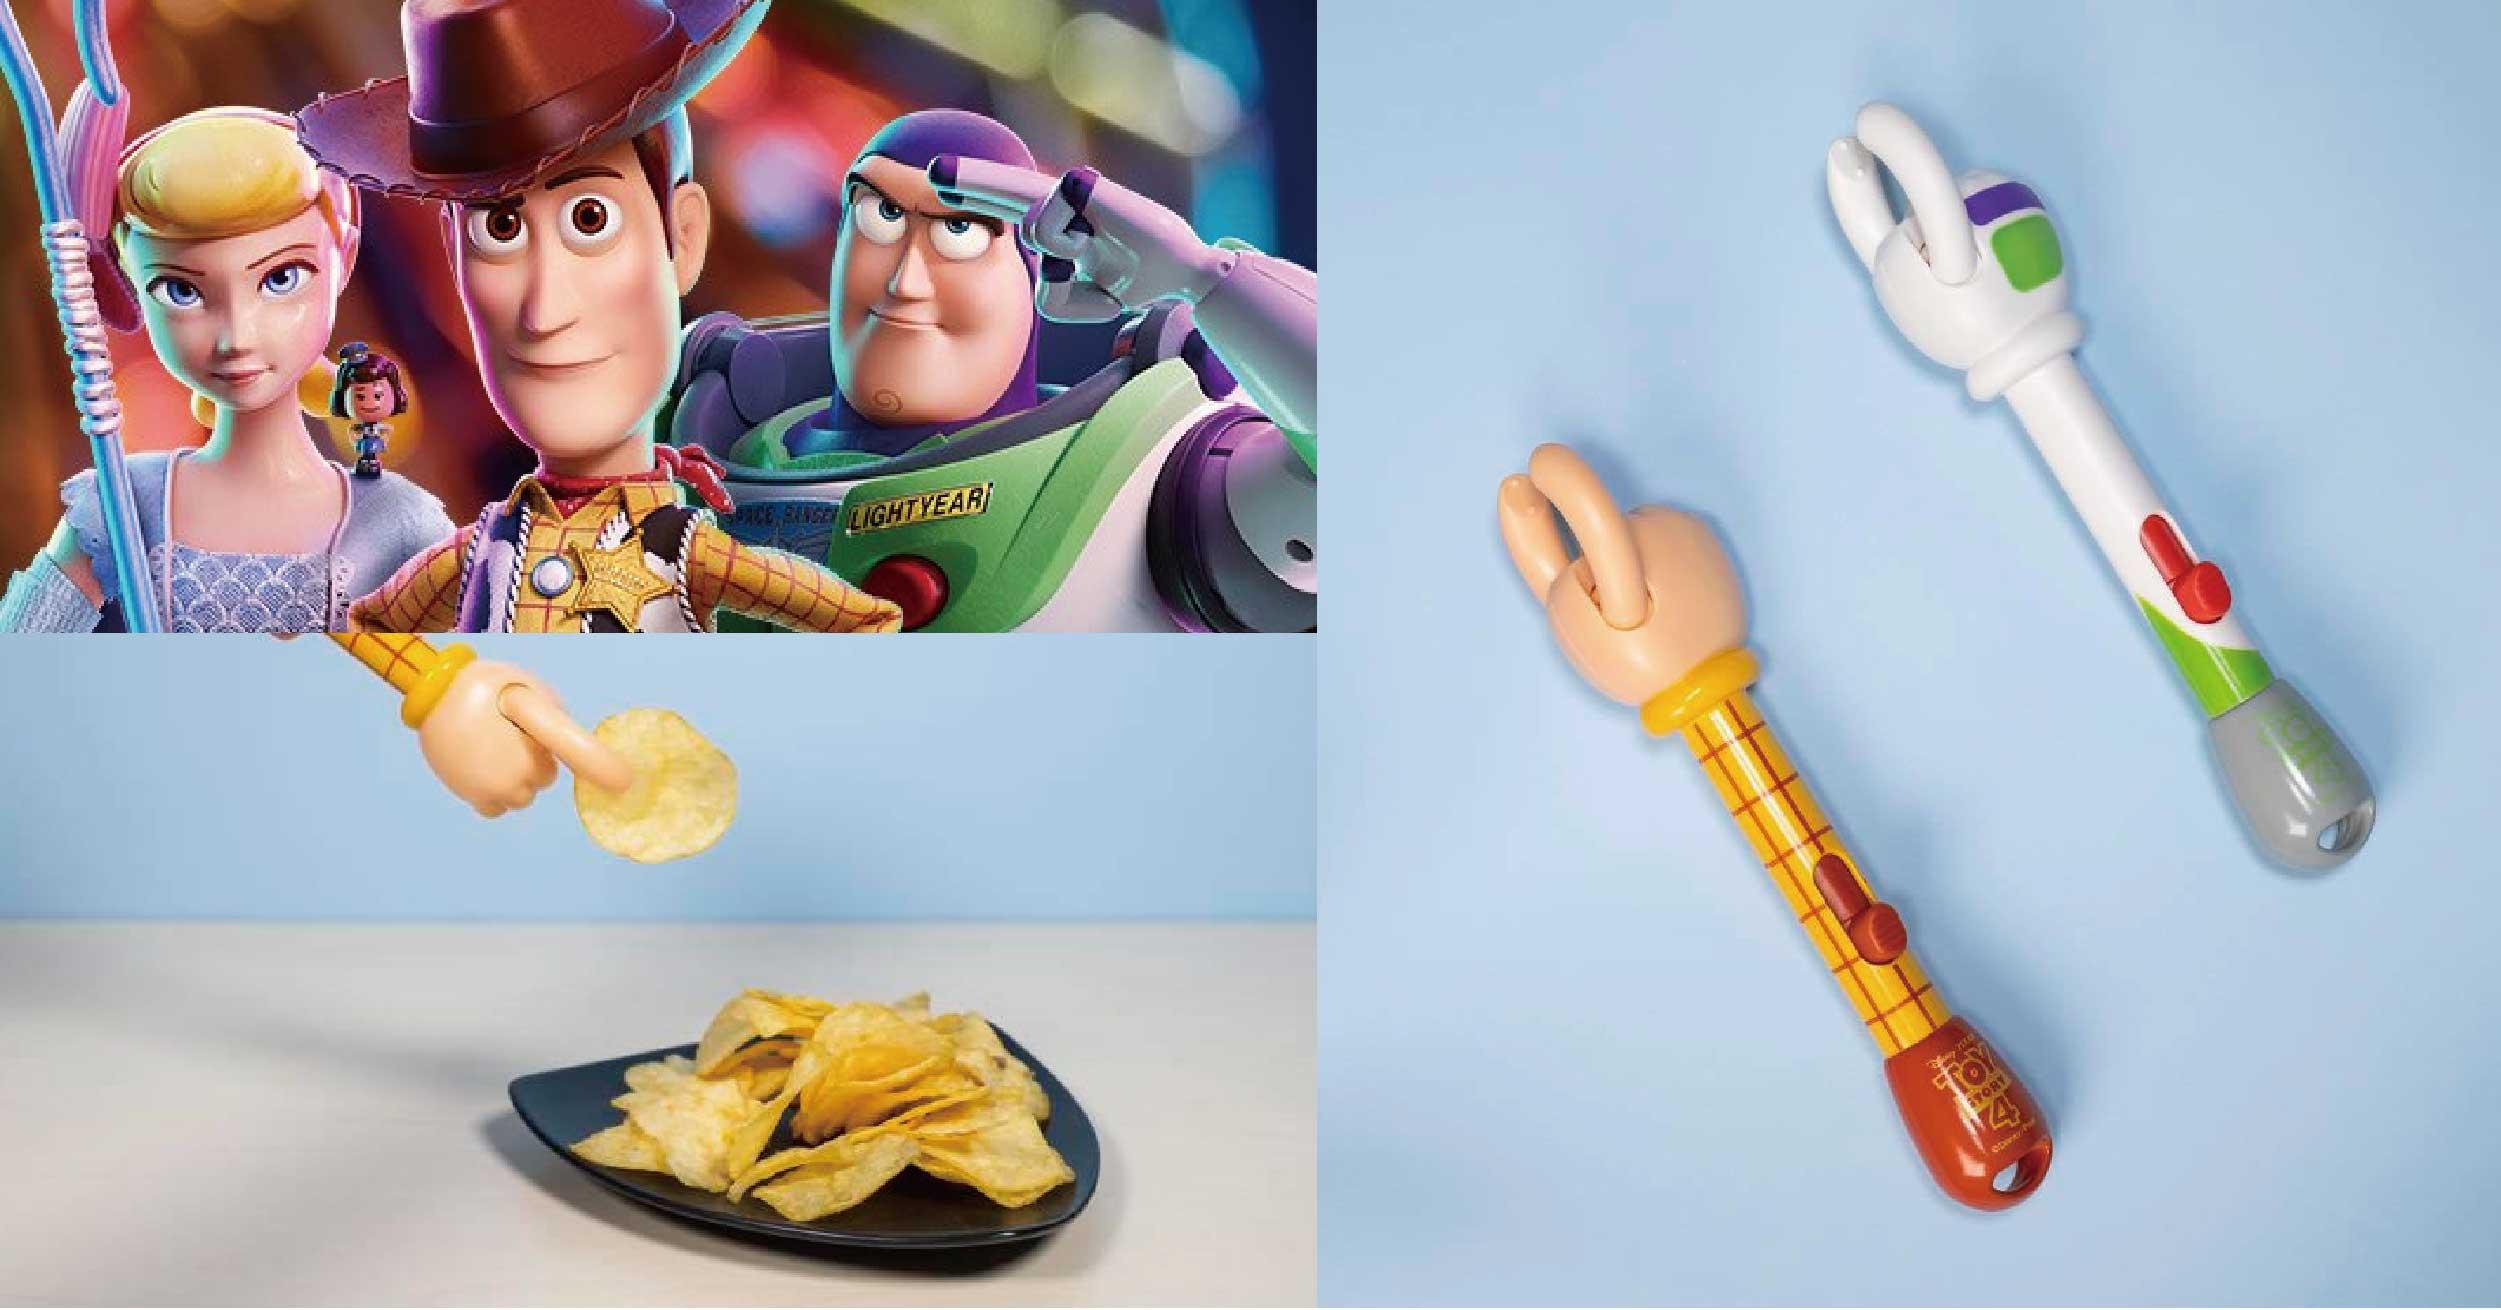 《玩具總動員》迷注意了!「懶人薯片夾」讓胡迪、巴斯光年的「手手」餵你吃洋芋片